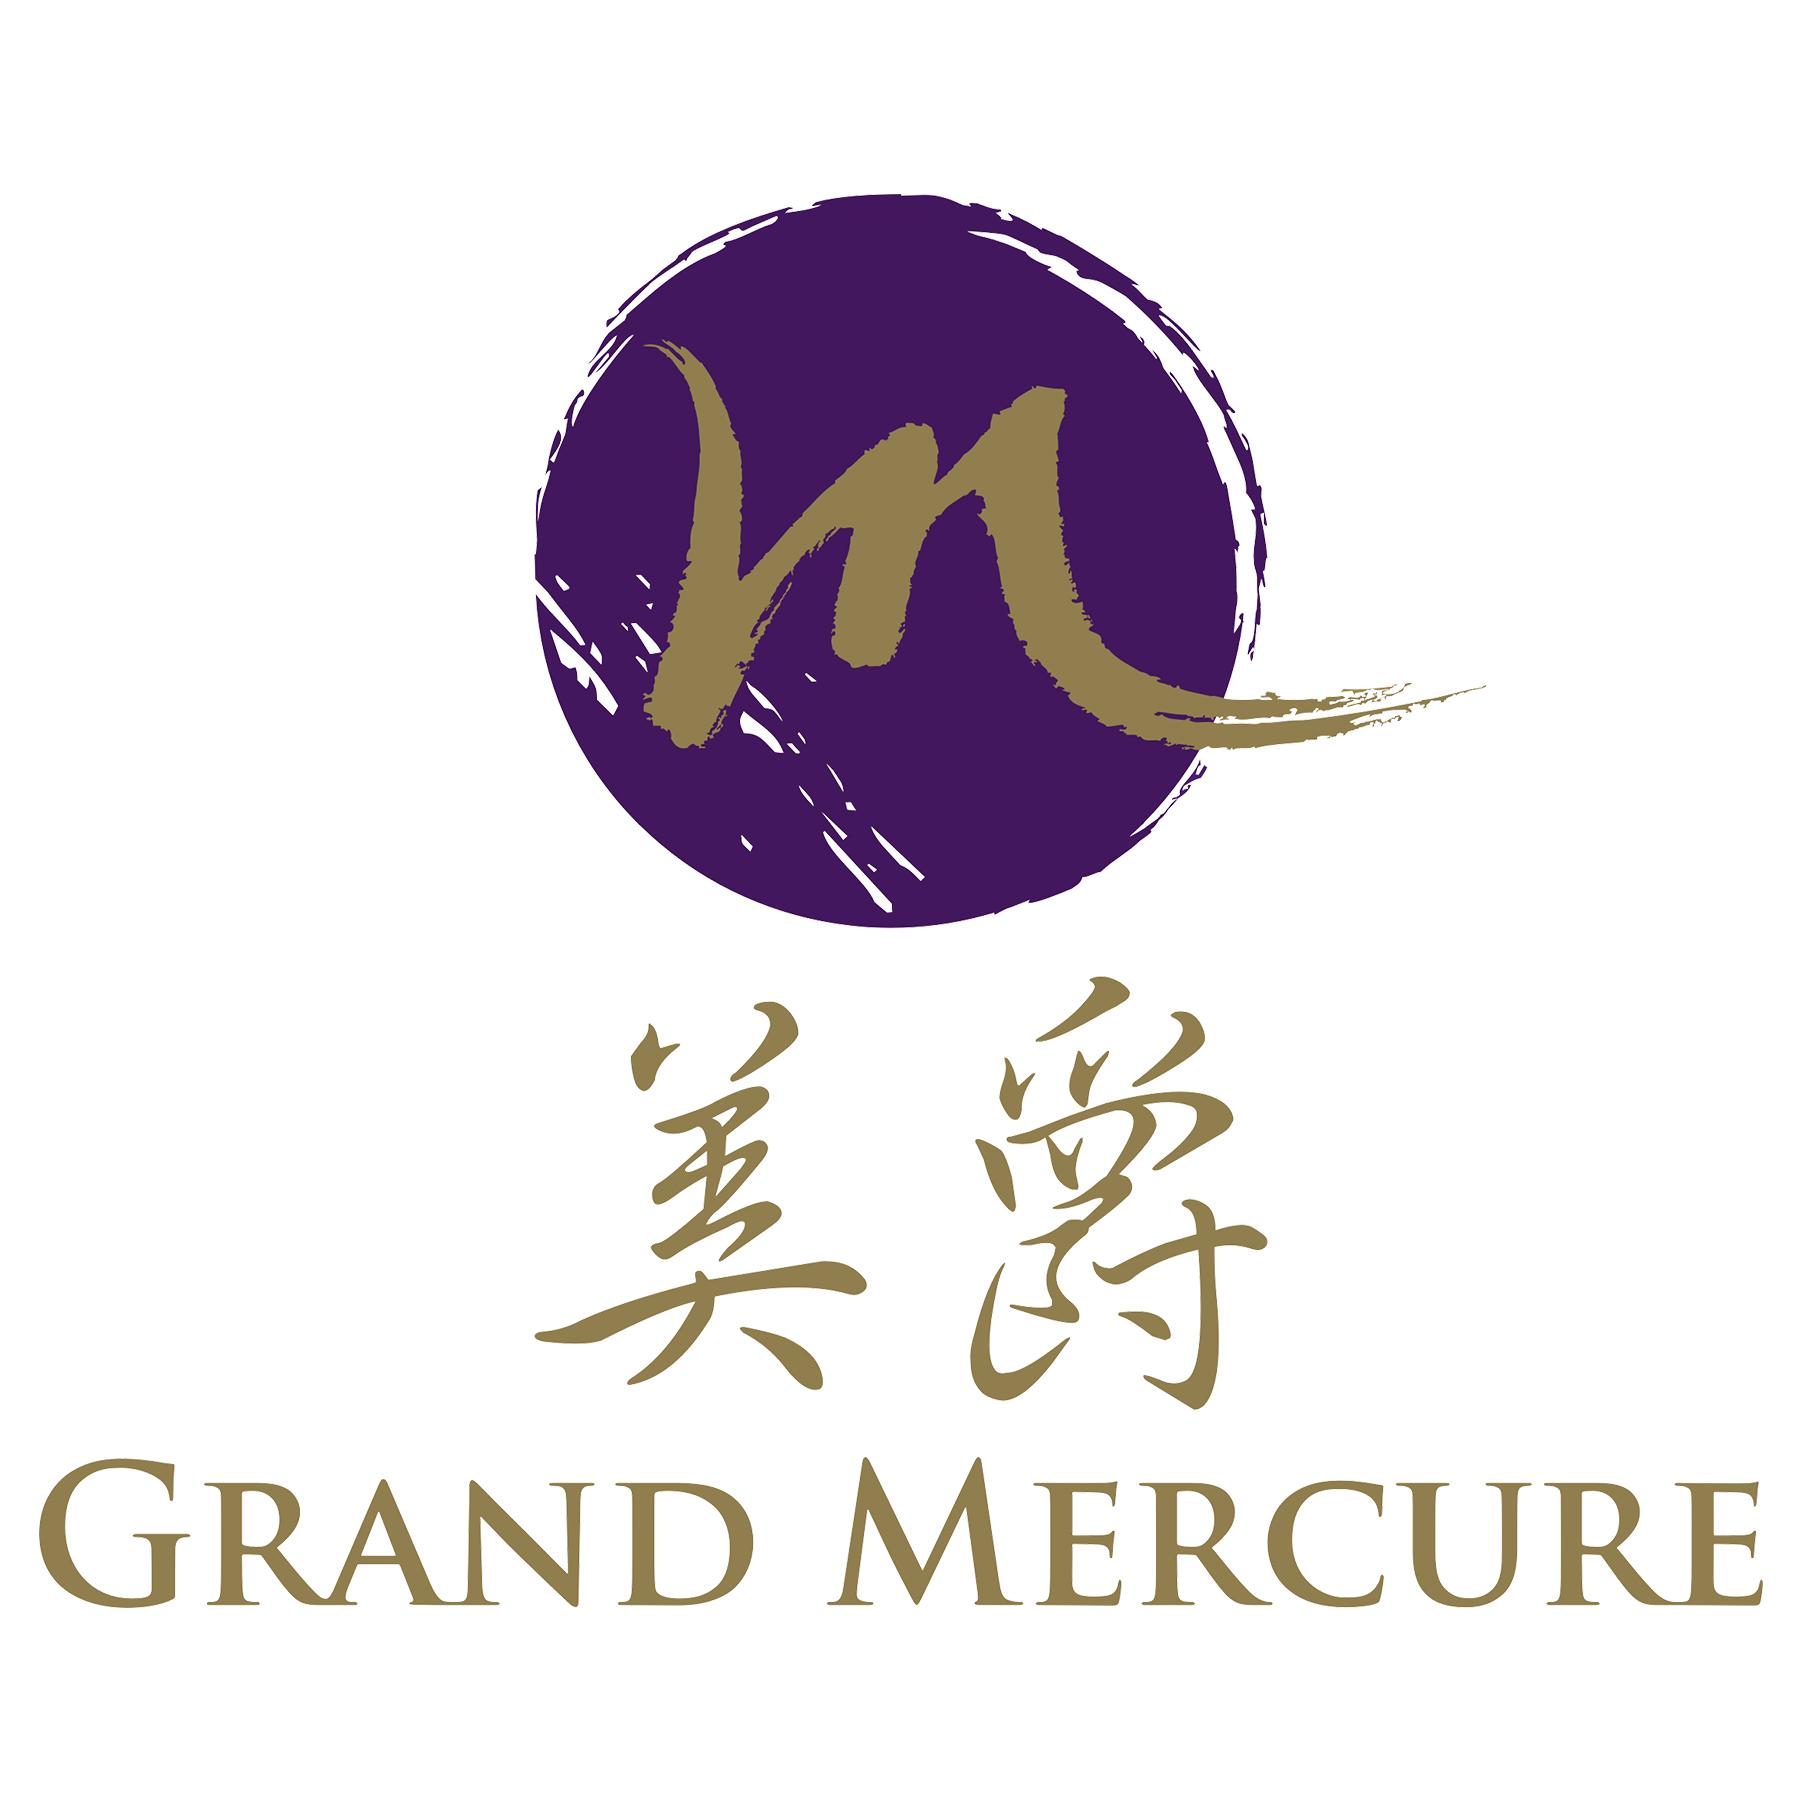 grand mercur